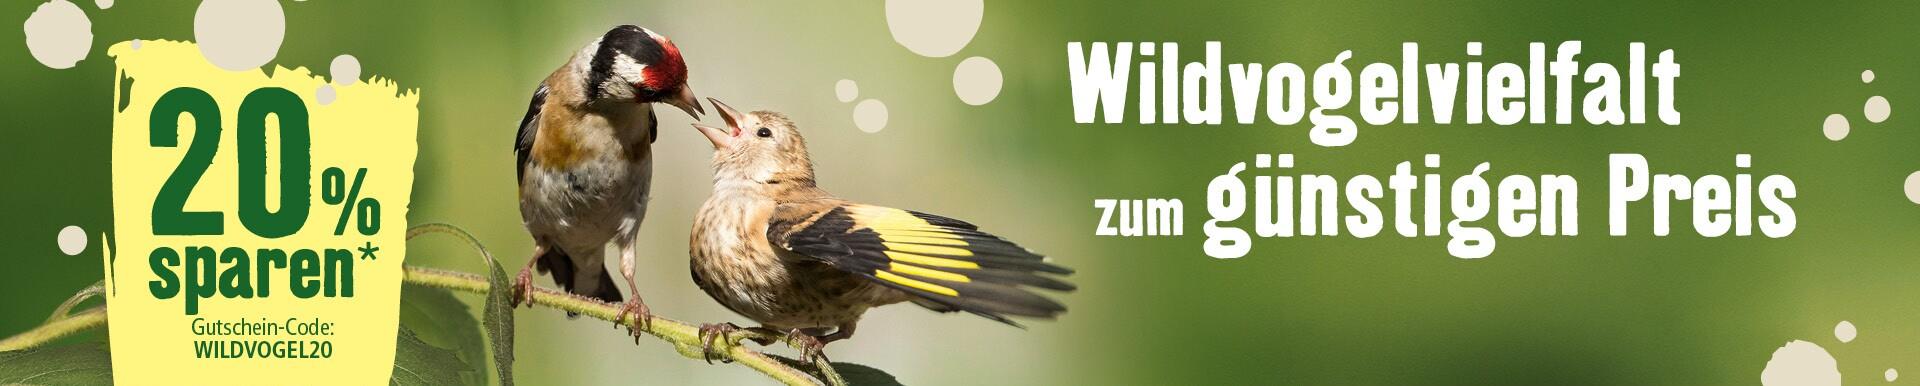 20% Gutschein - Wildvogelvielfalt zum günstigen Preis